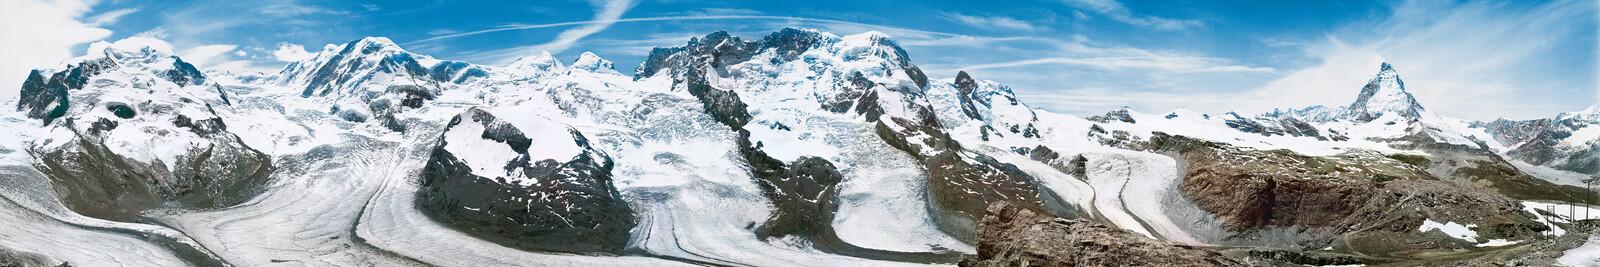 Matterhorn - Rudolf Rother